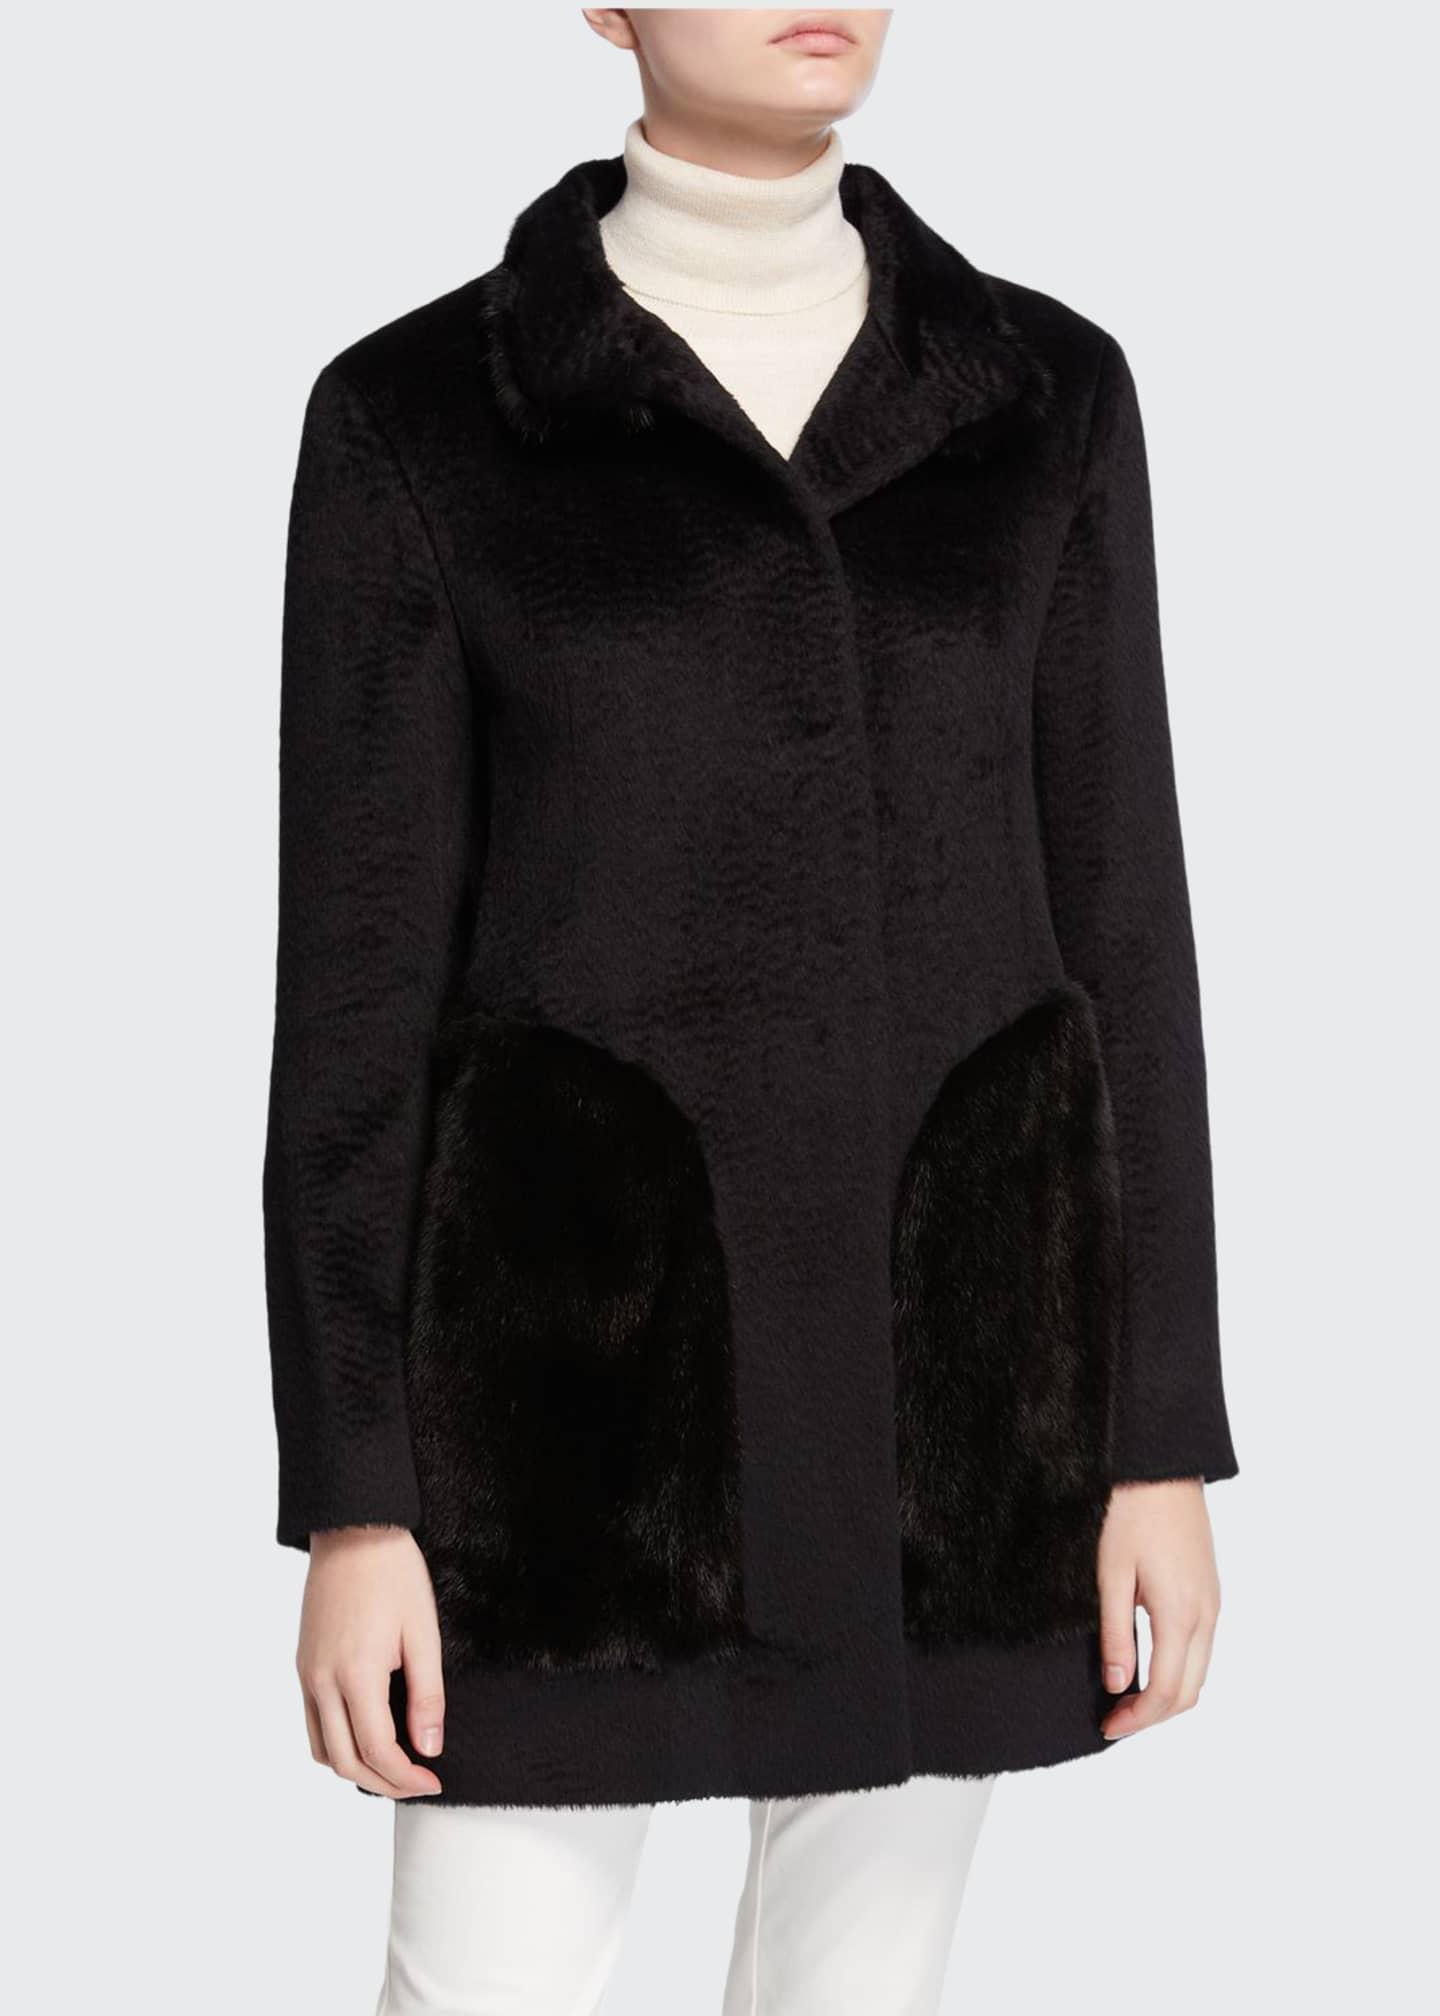 Cinzia Rocca Mink Fur-Pocket Baby Suri Alpaca Coat